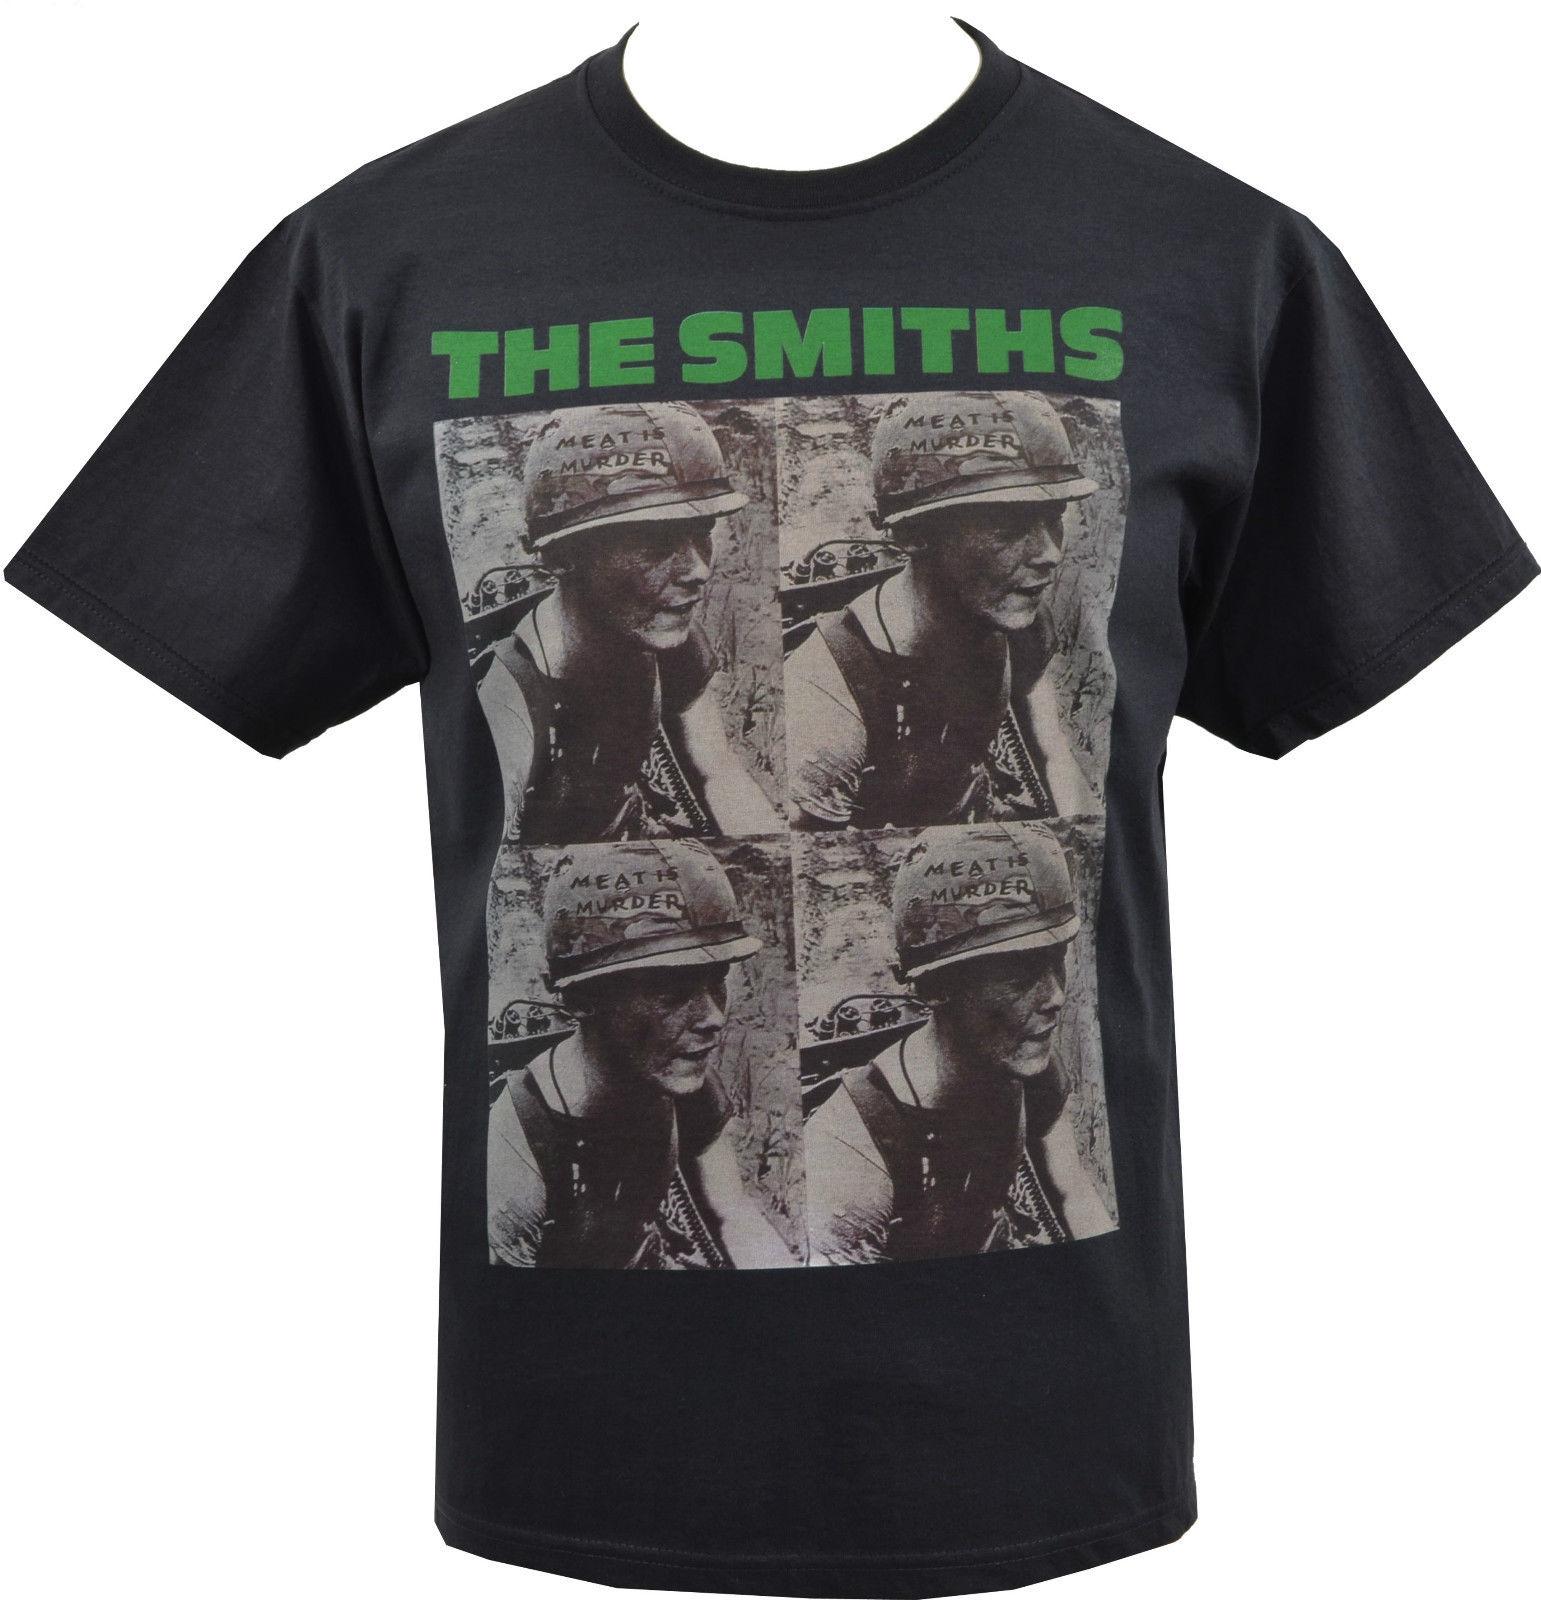 Hommes noir la viande de Smiths est meurtre armée casque Vegan Morrissey S 5Xl 2019 mode 100% coton t-shirt 017723